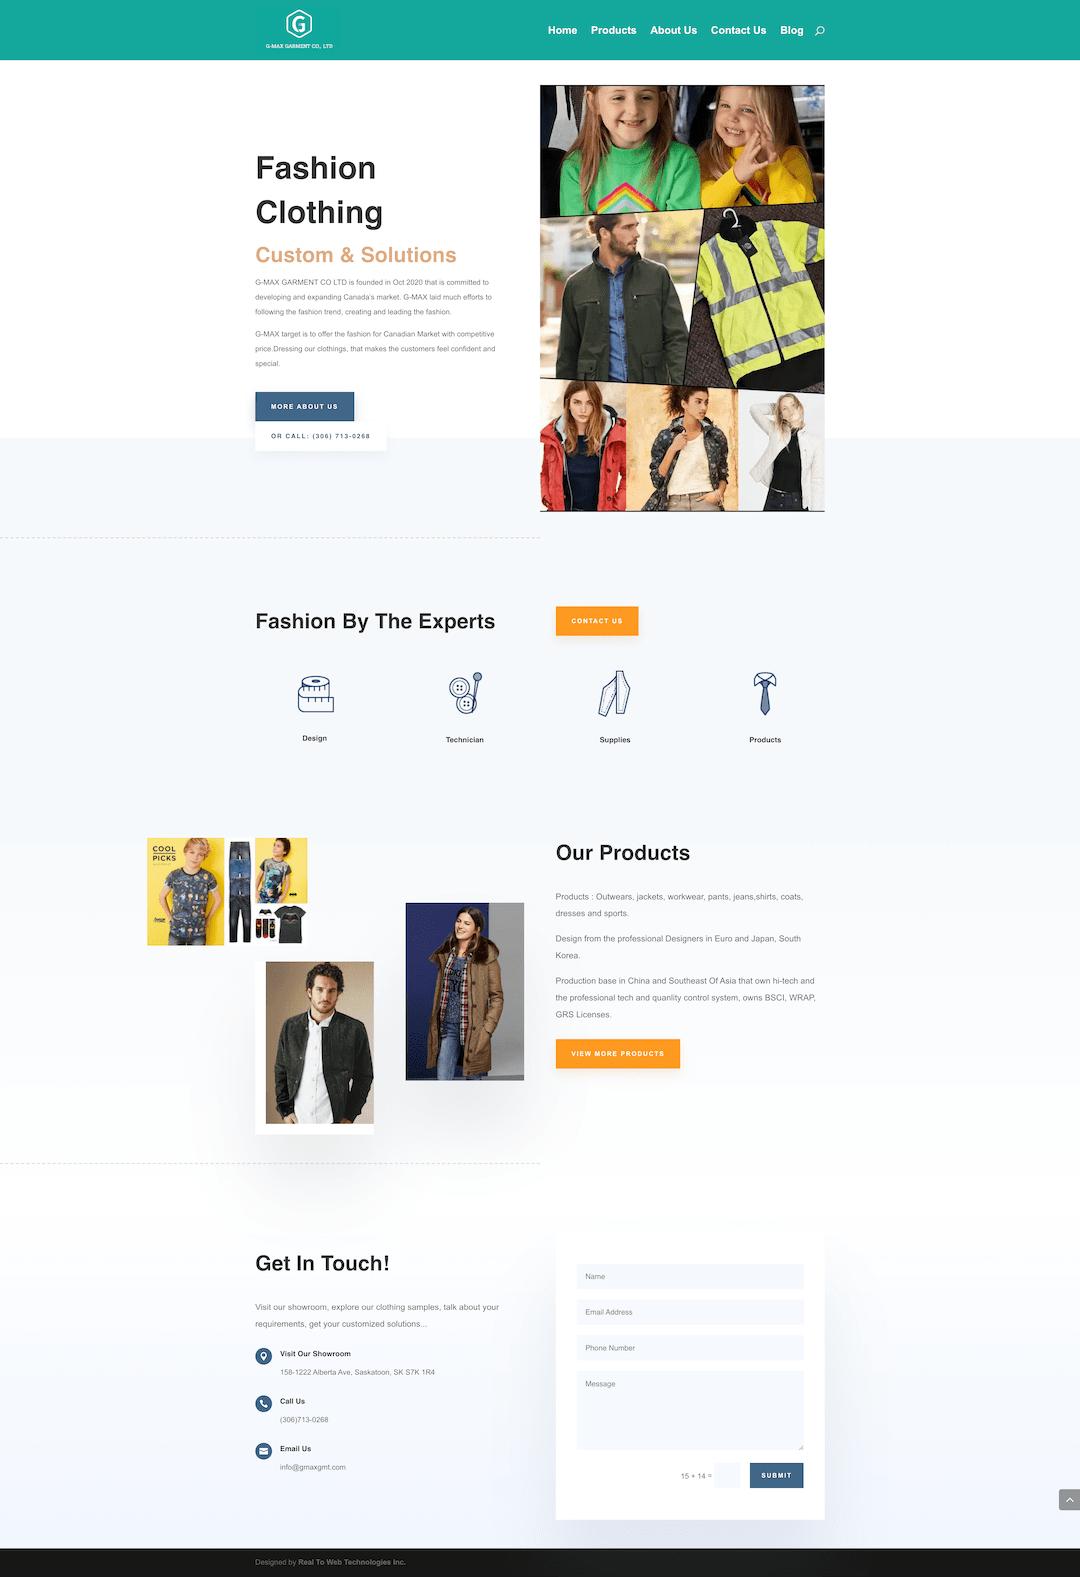 g-max-garment-co-ltd-just-another-wordpress-site-full-5821795